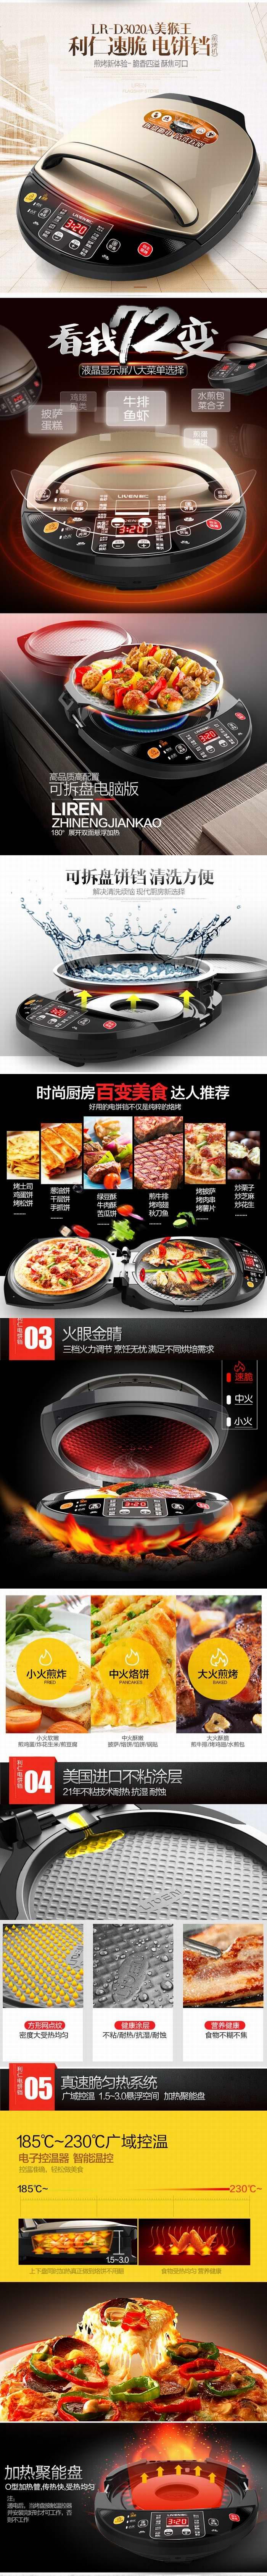 折扣升级!Liven 利仁 LR-D3020A 美猴王 速脆电饼铛/煎饼机 94.99加元包邮!